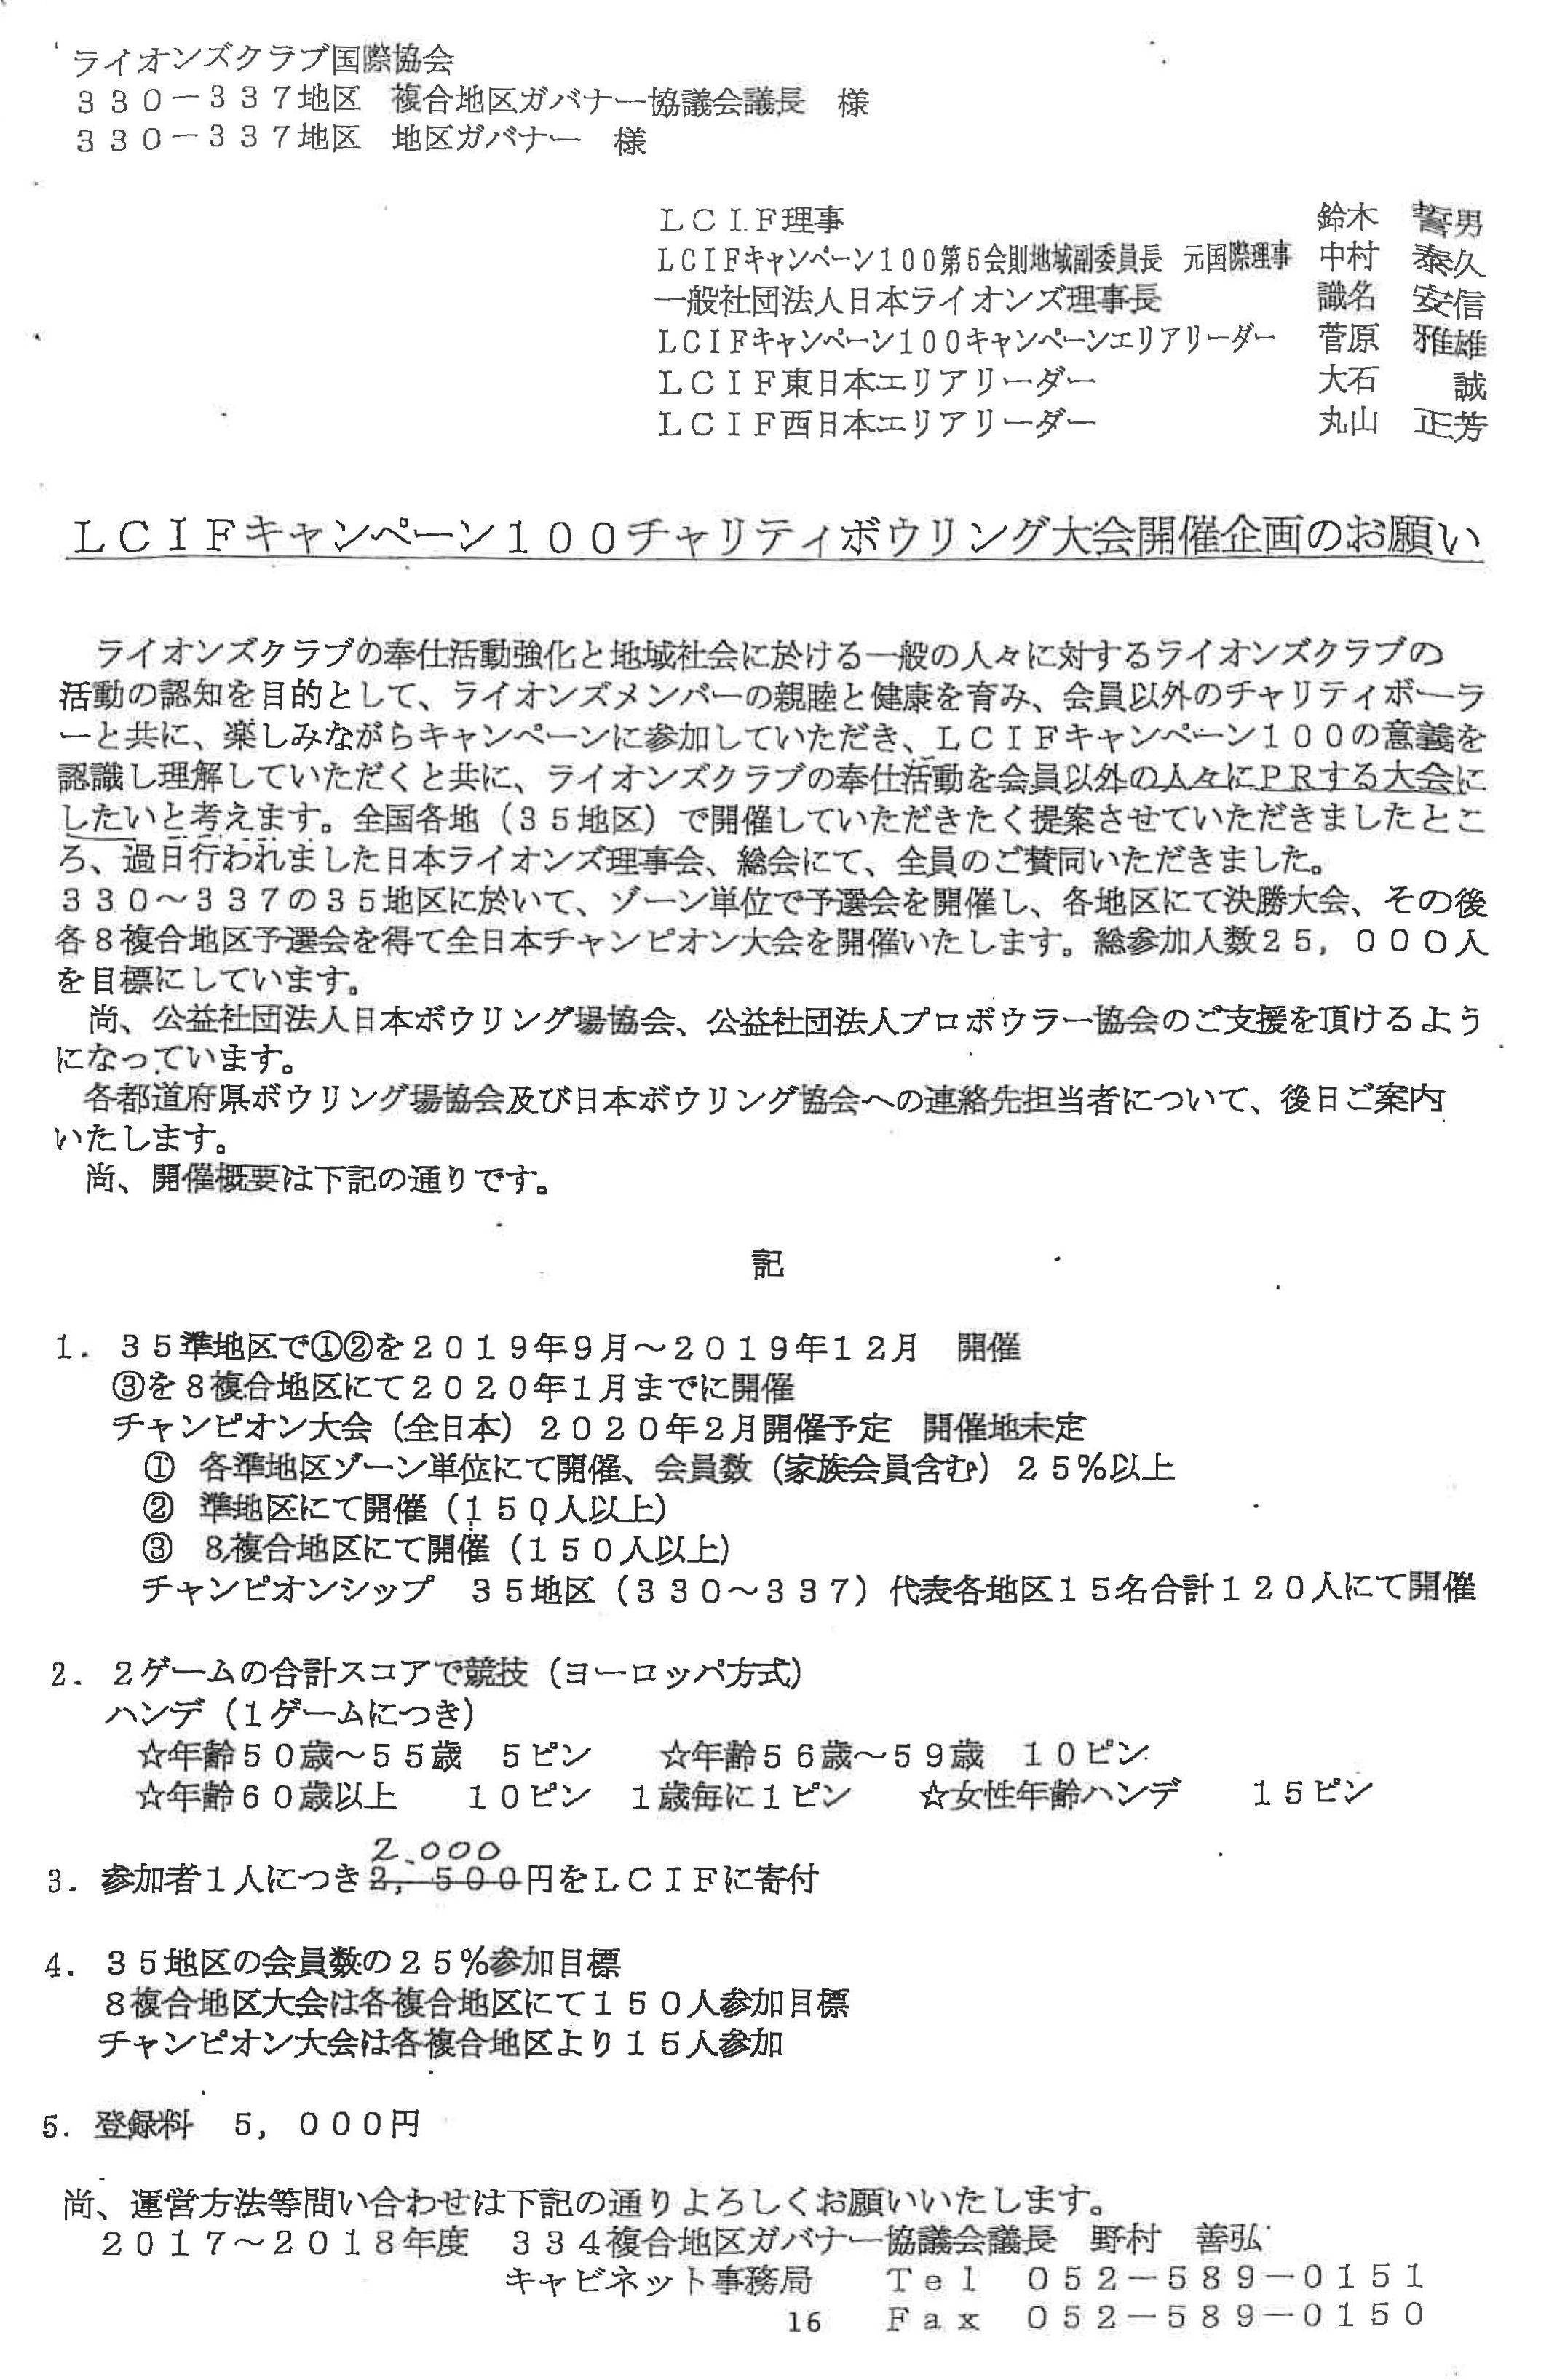 18第2回G諮問委員会Z会議 LCIFキャンペーン100チャリティボウリンク大会開催企画のお願い1